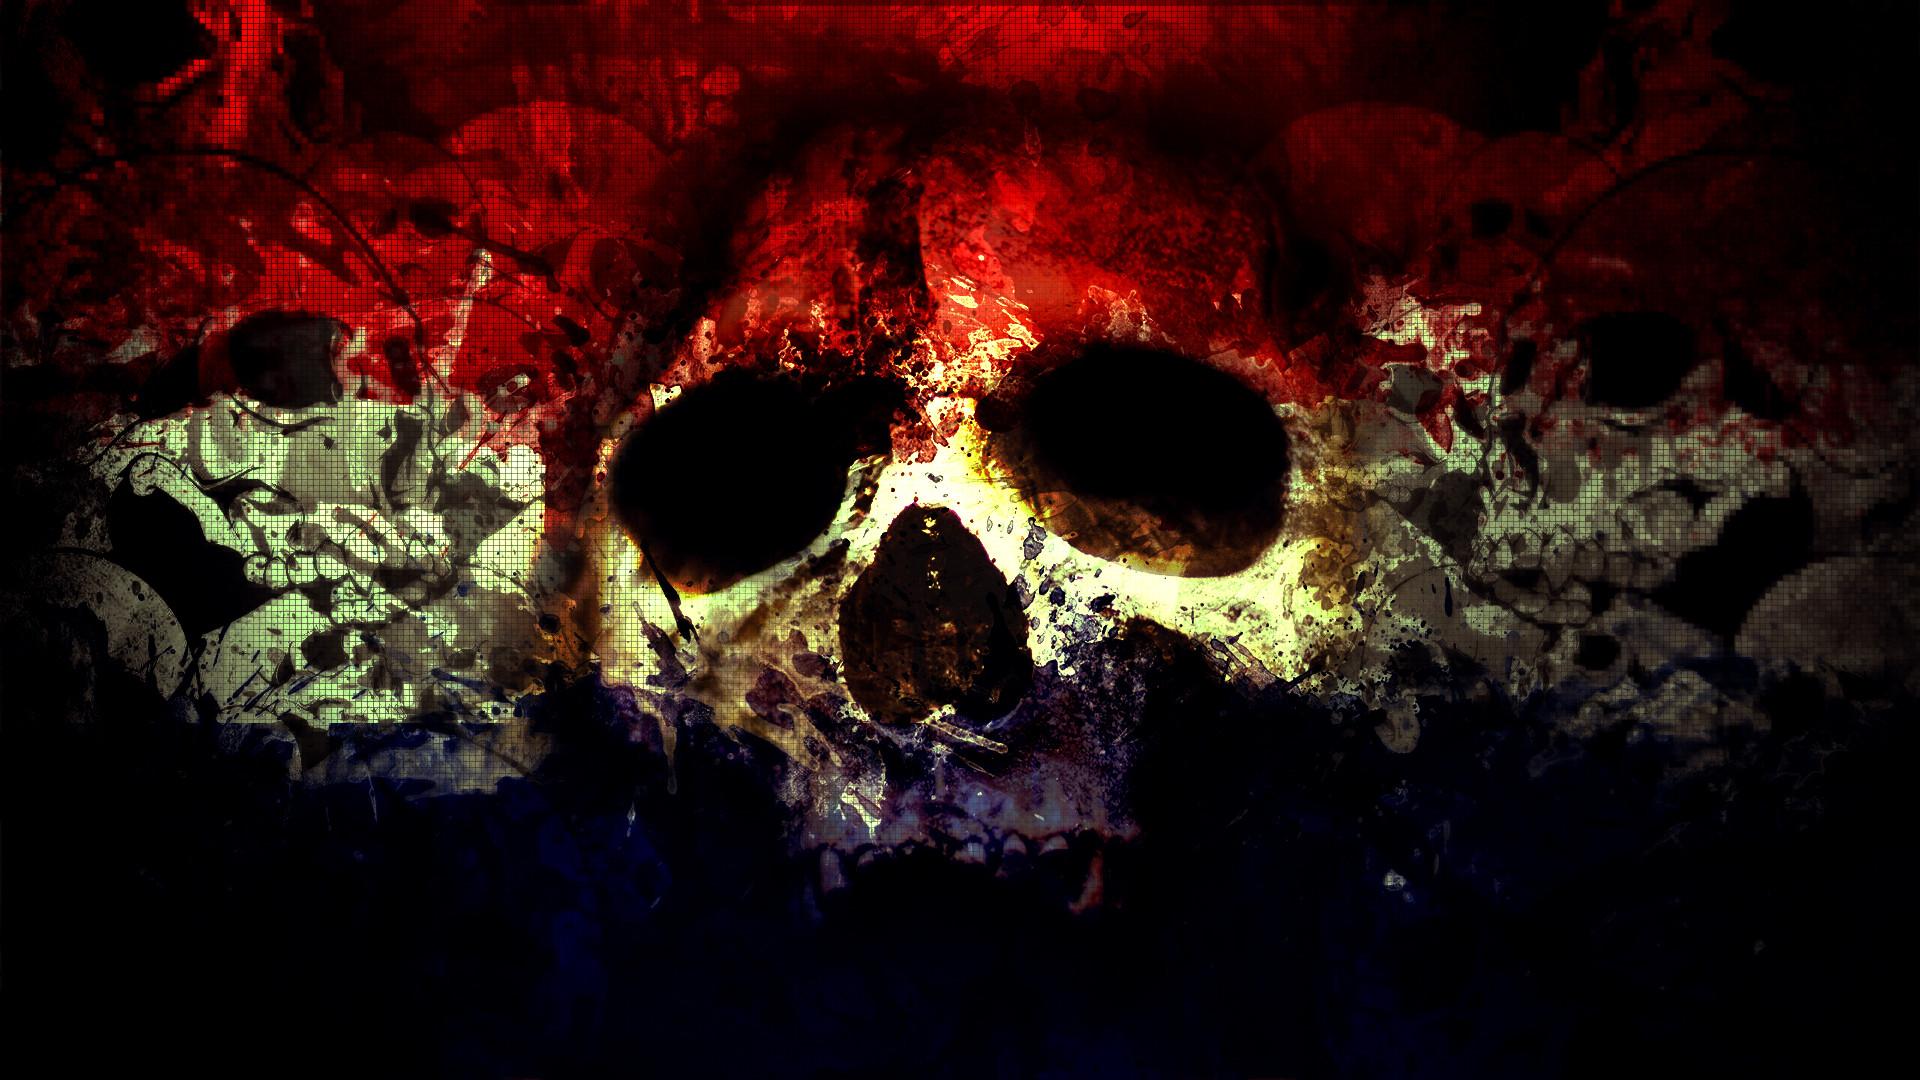 Skull Wallpaper HD; Skull Wallpapers